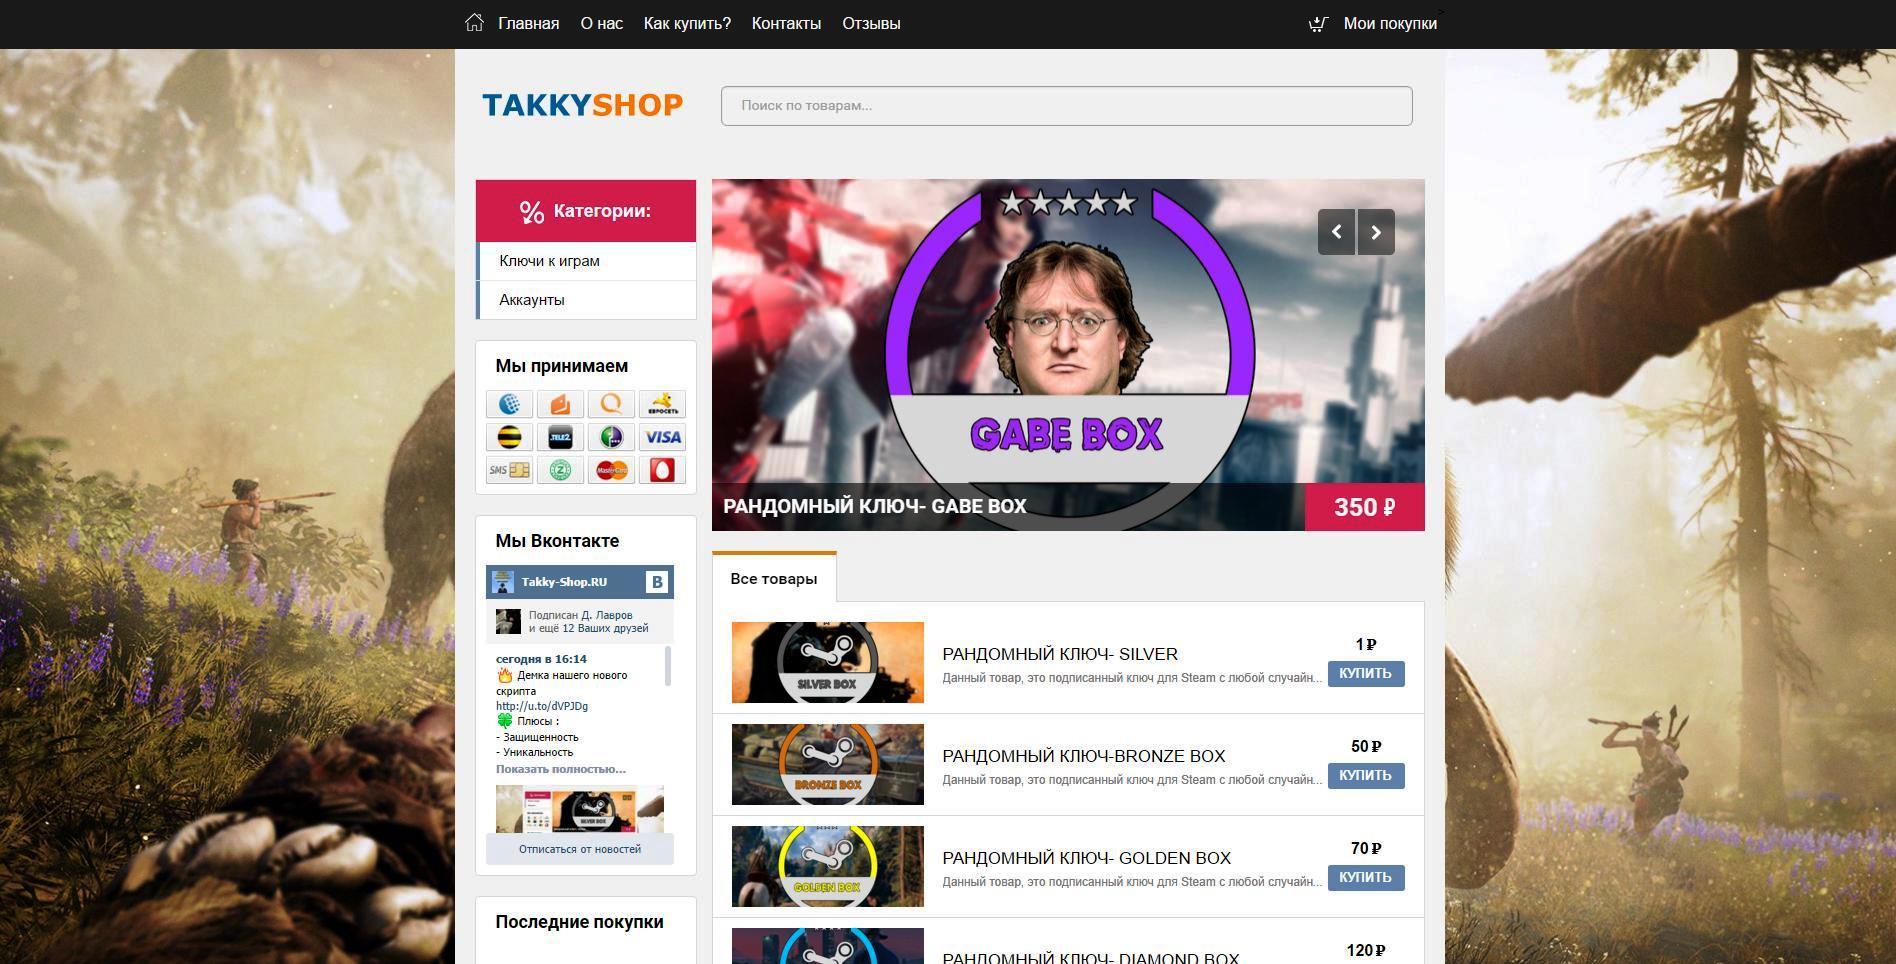 Casino online - рейтинг лучших игровых интернет казино онлайн.